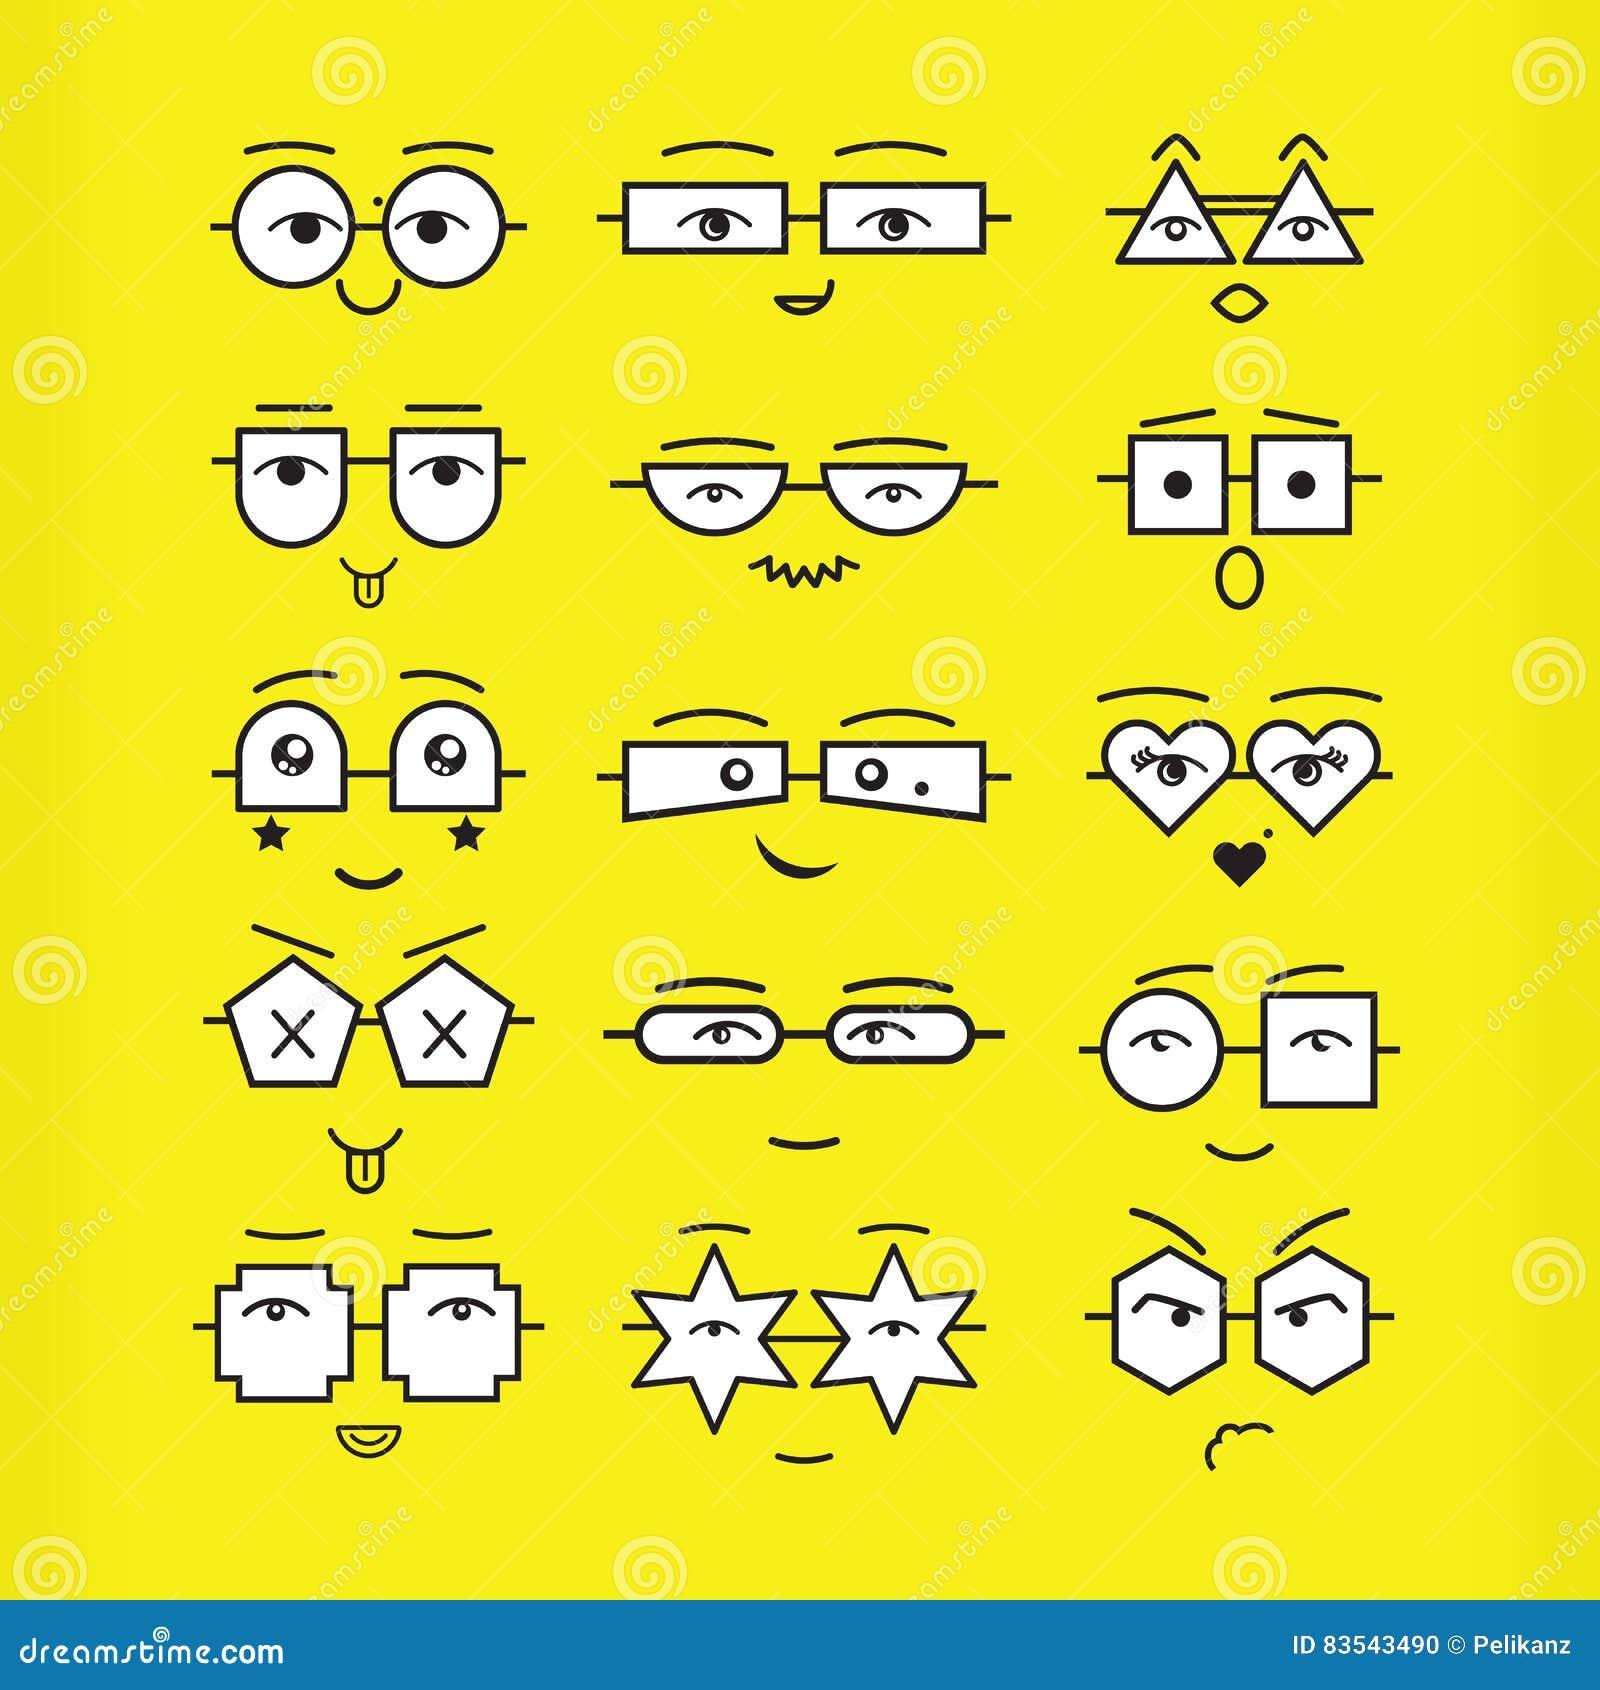 Χαριτωμένα μαύρα πρόσωπα emoticons με τα γεωμετρικά eyeglasses εικονίδια που τίθενται στο κίτρινο υπόβαθρο